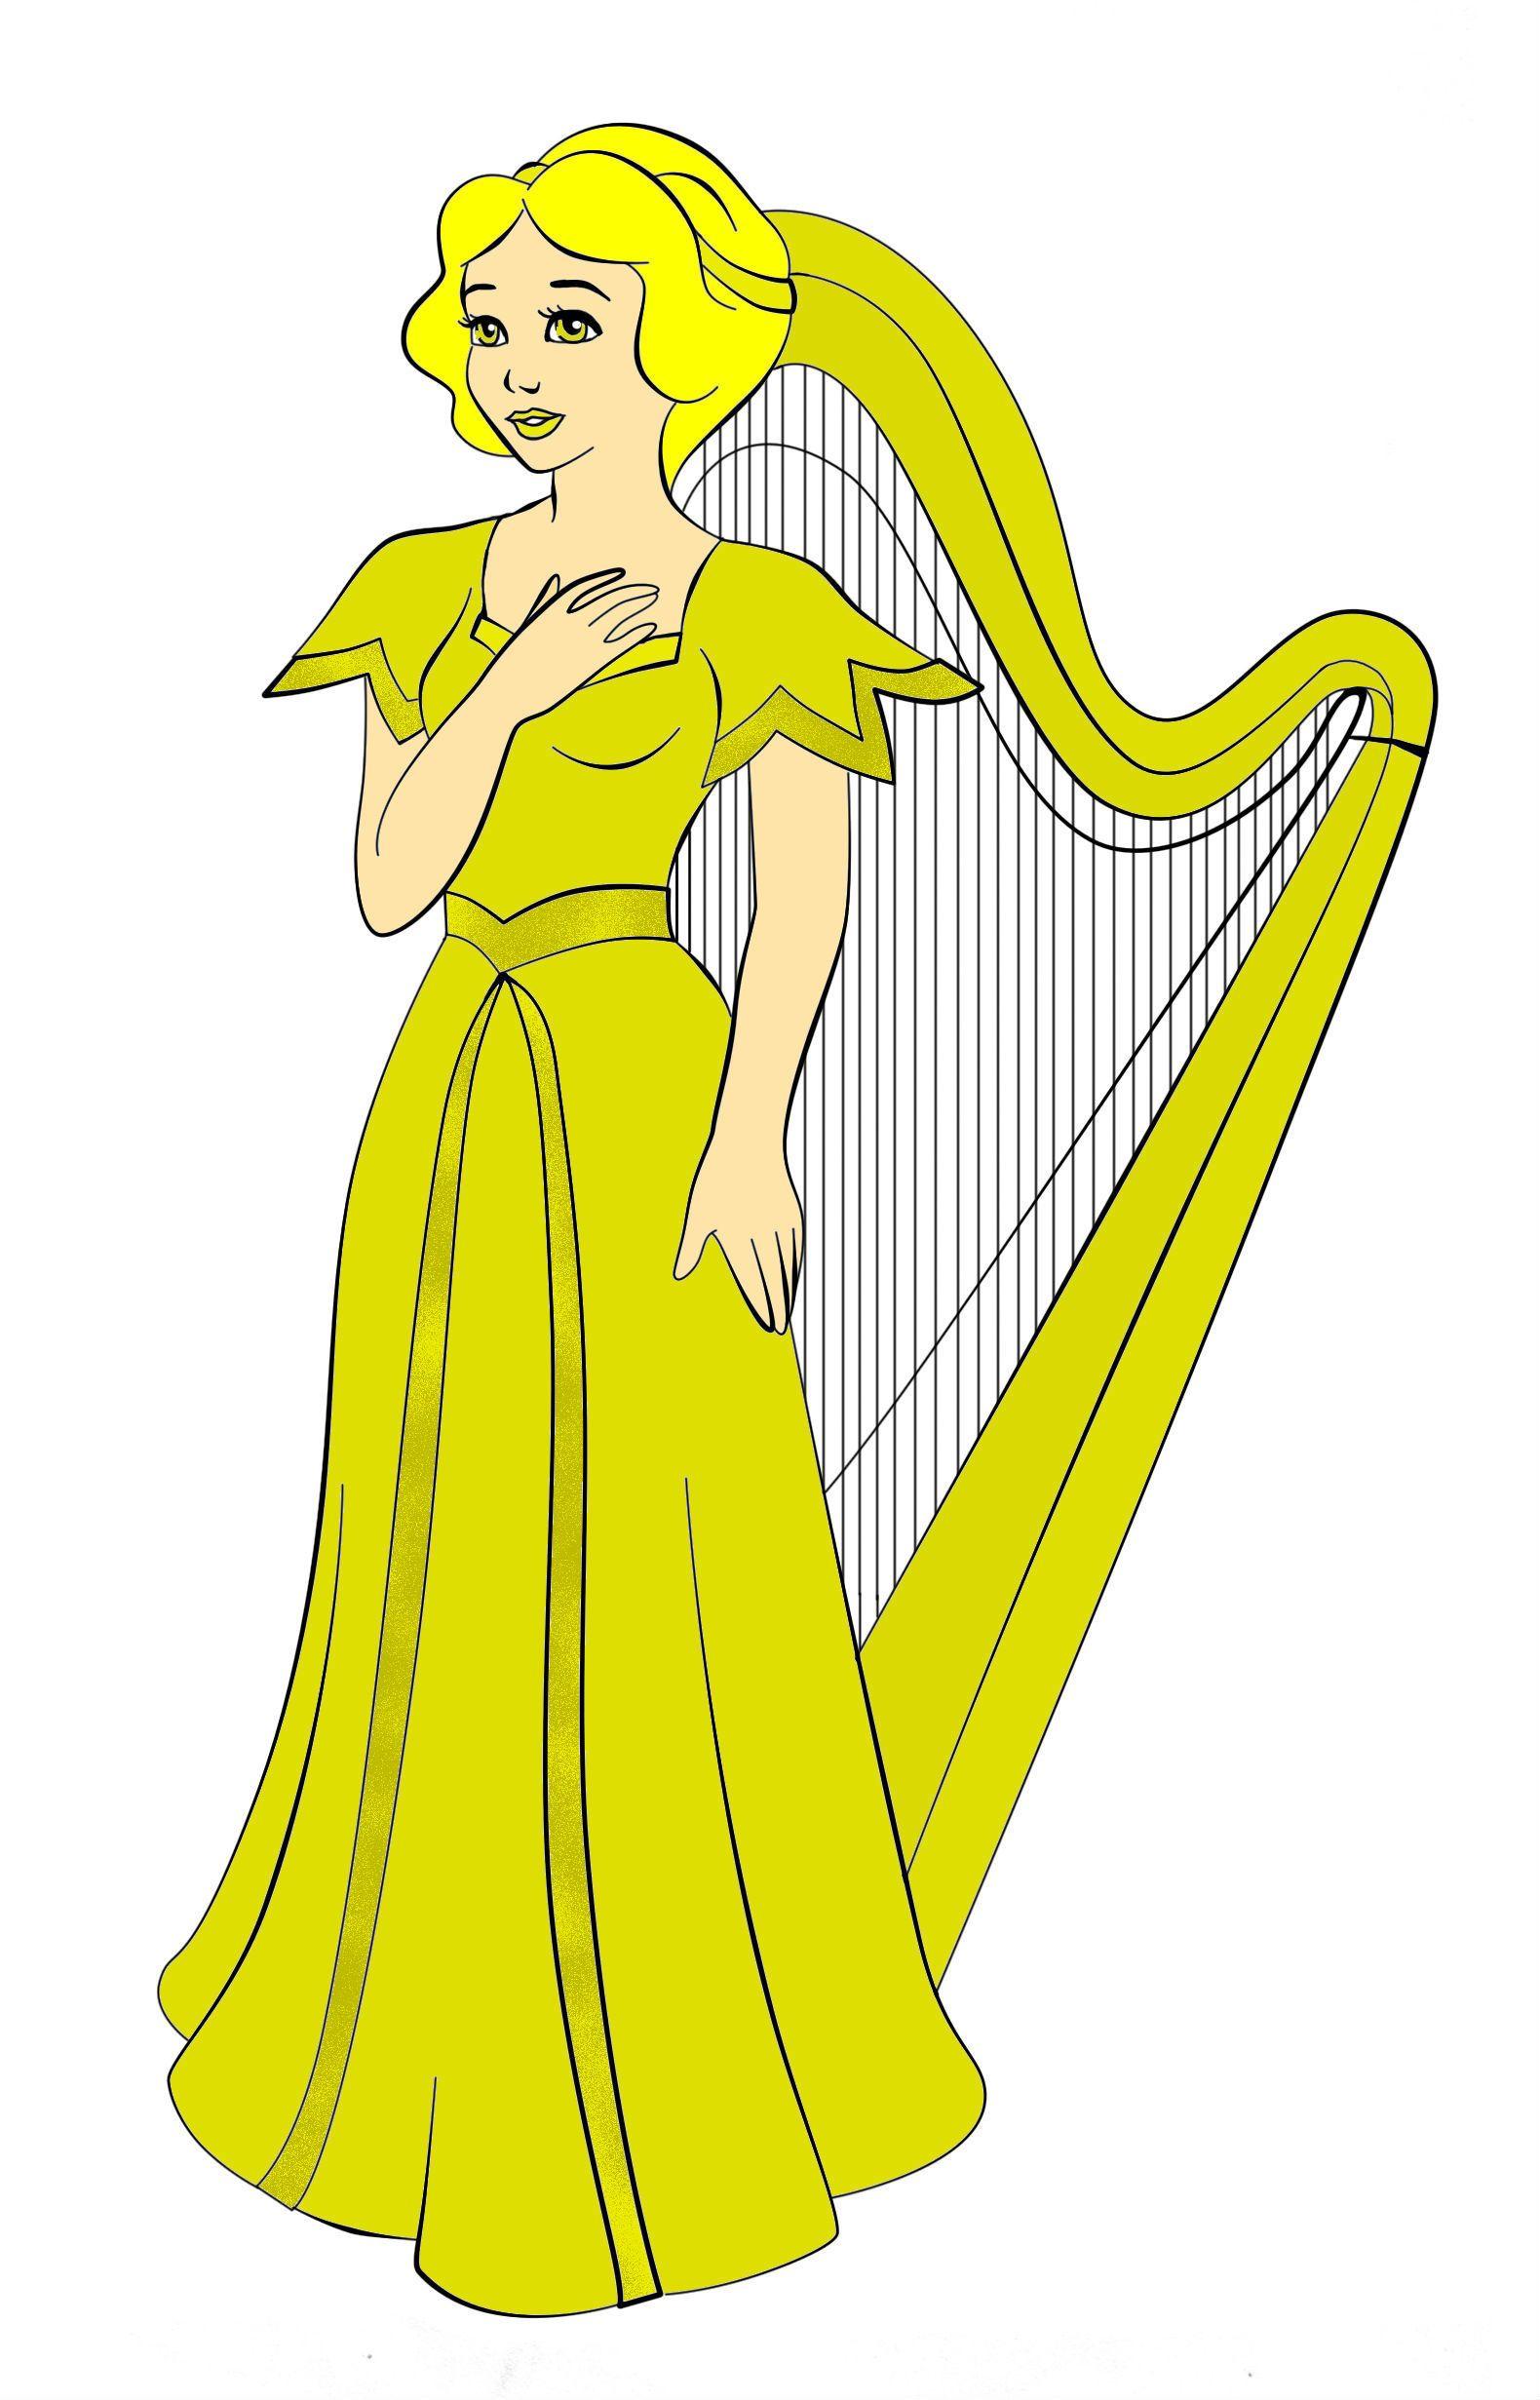 Snow White As Golden Harp By Ruby Viantart On Deviantart